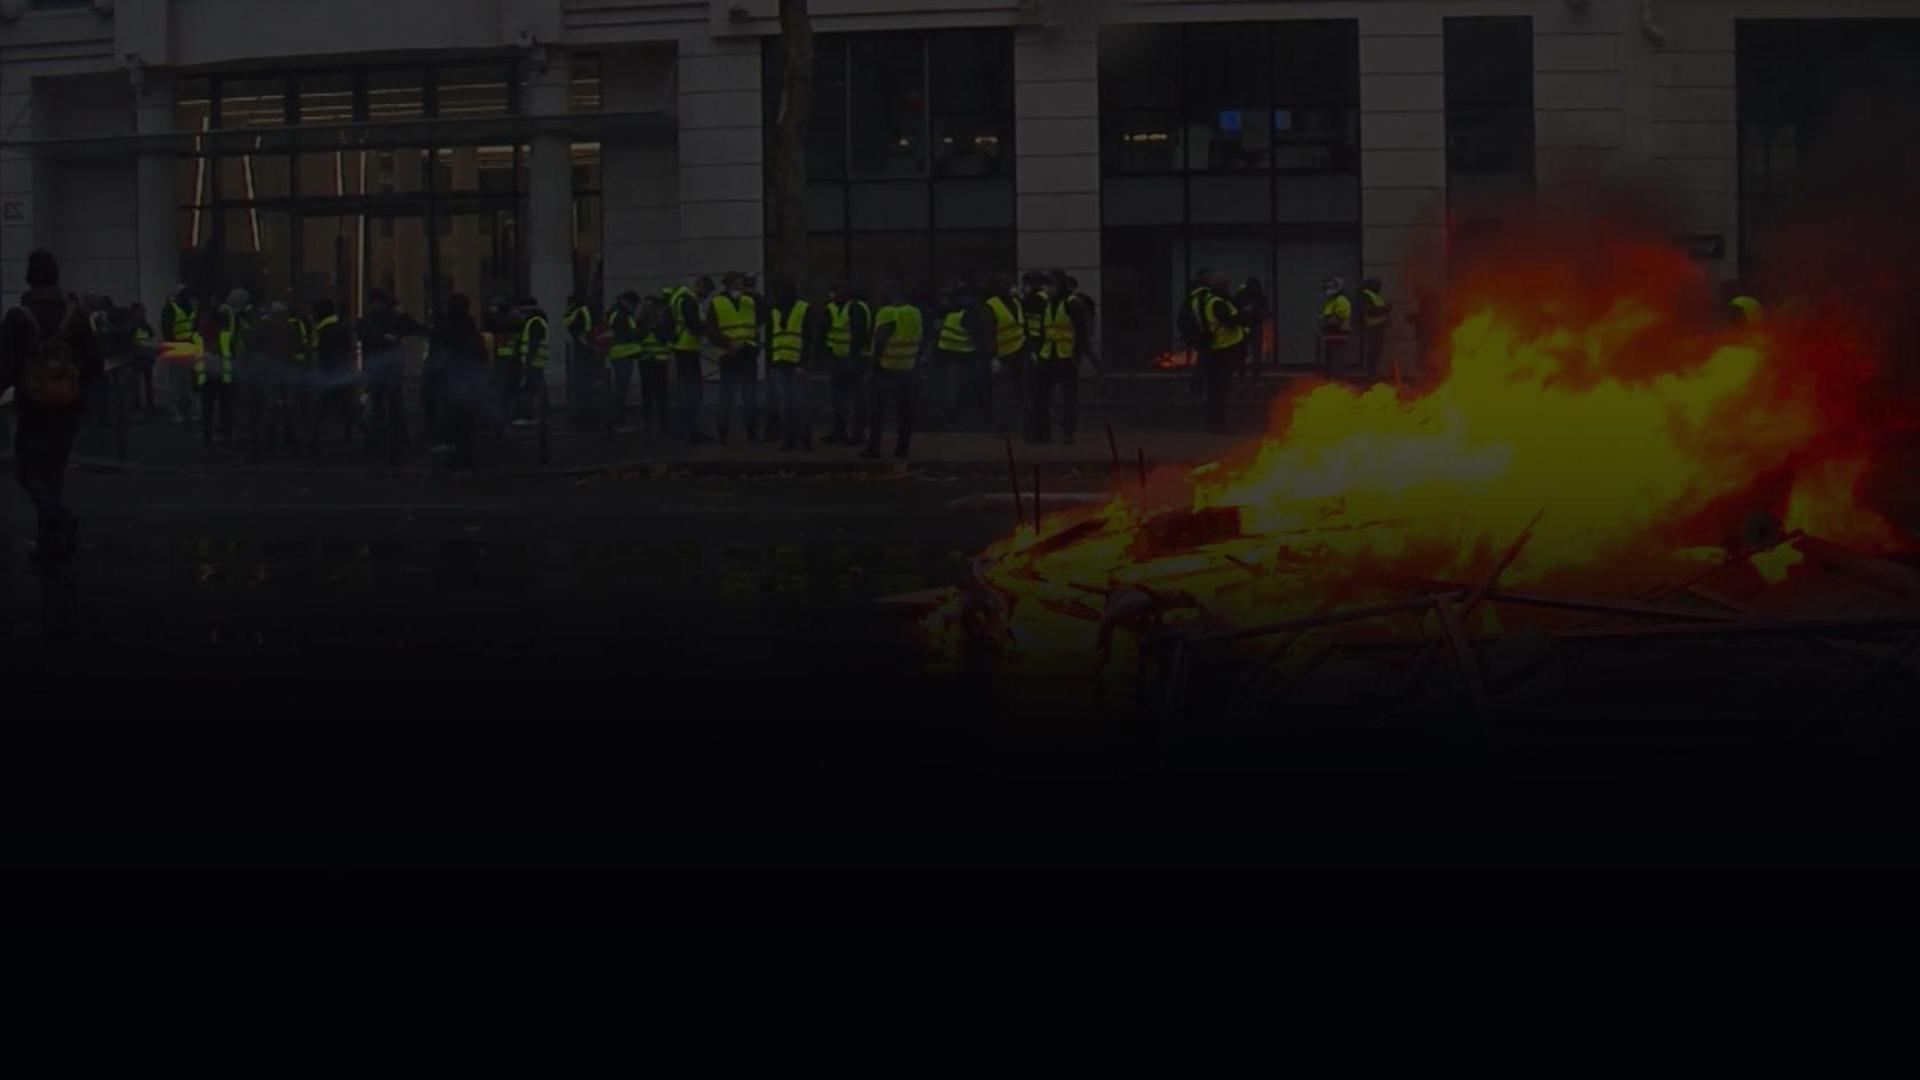 #yellow-vest-protest